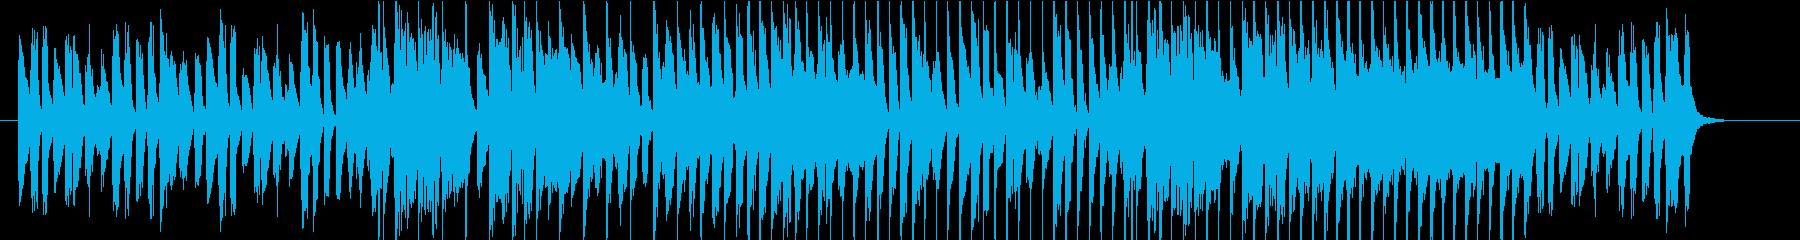 ワクワク可愛いCMの再生済みの波形